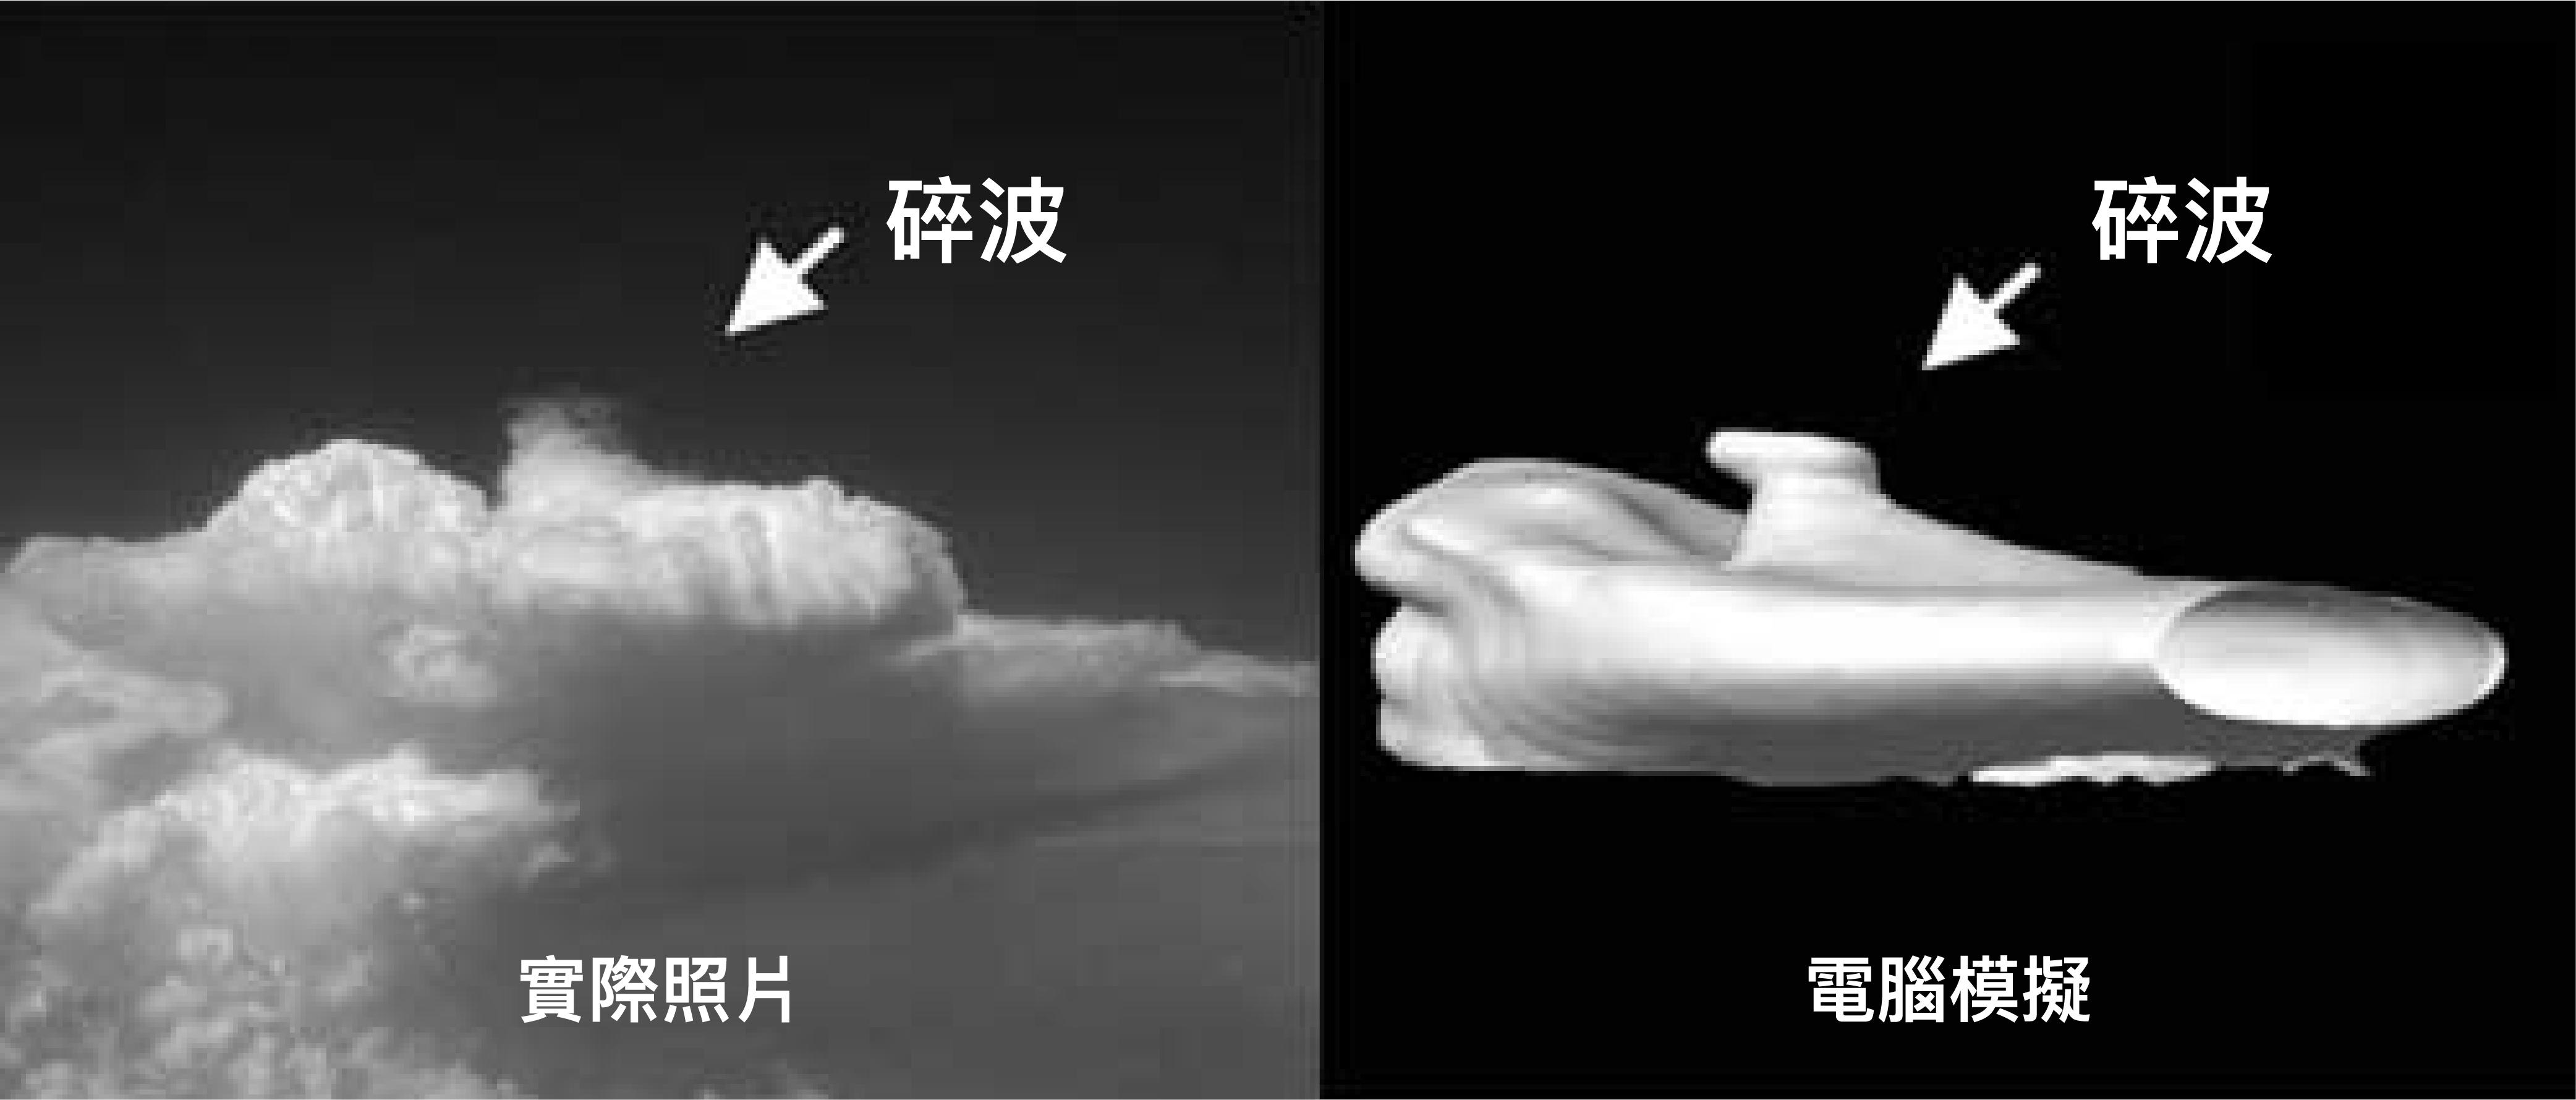 雲頂「倒捲」的形狀,即是「碎波」。王寳貫團隊以電腦模擬碎波的形狀、大小、方位、發生地點,和實際觀測情況相當吻合。圖│Wang, P. K. 2004: A cloud model interpretation of jumping cirrus above storm top, Geophys. Res. Lett., 31, L18106